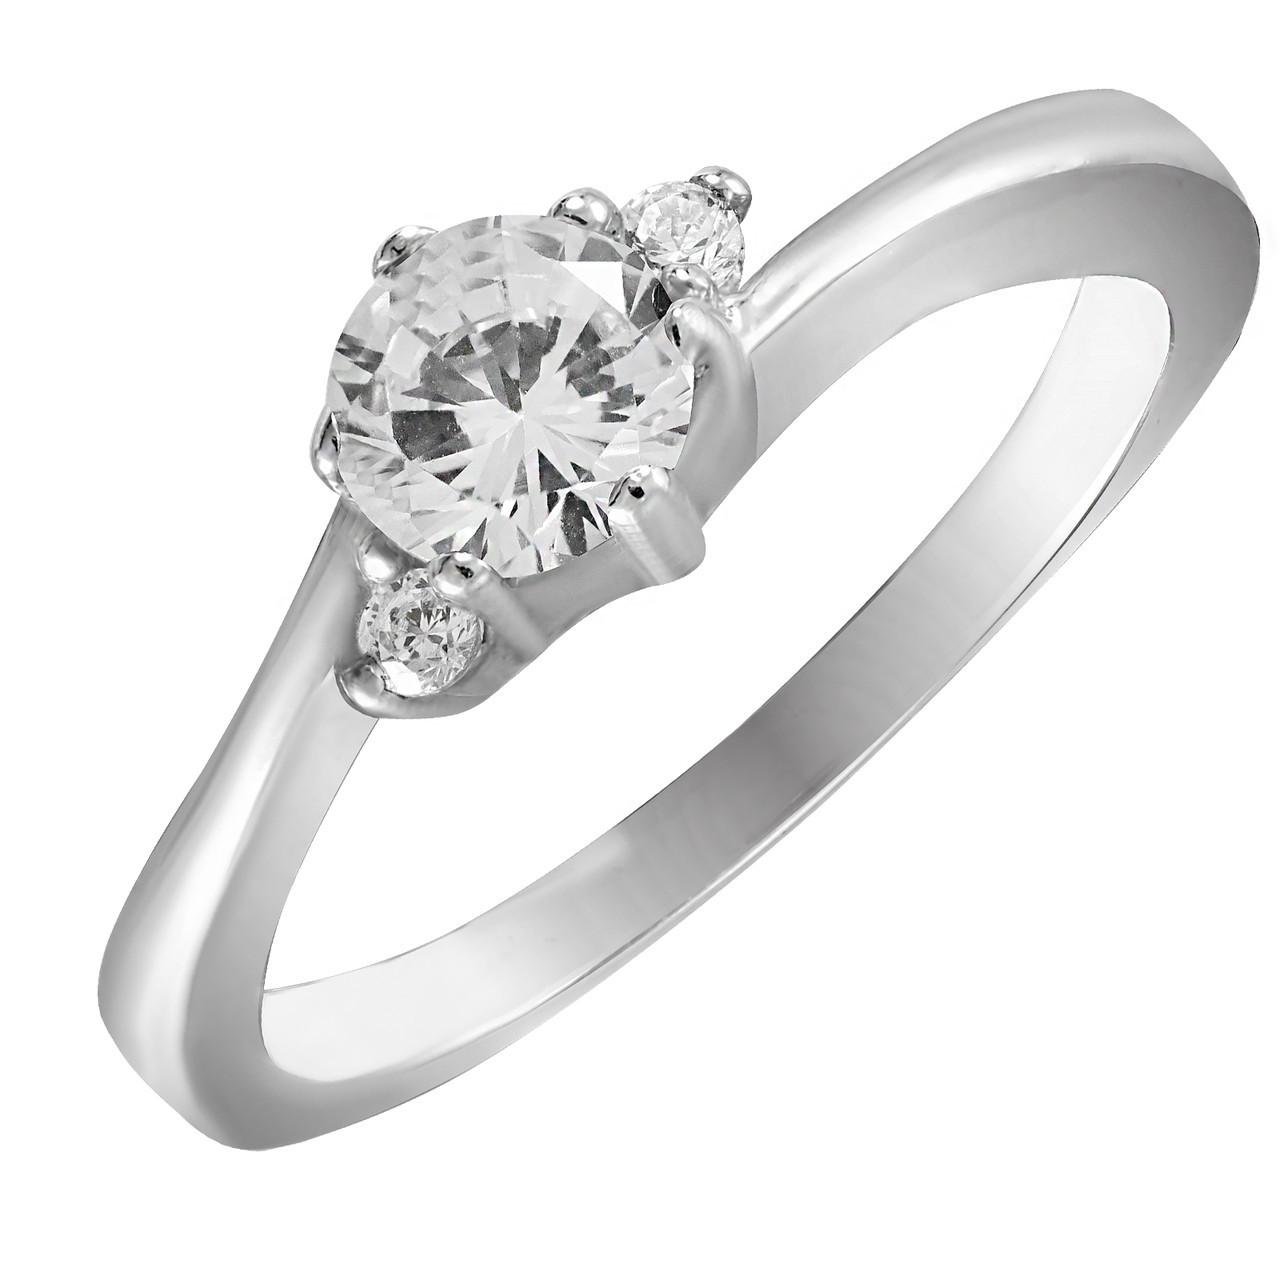 Кольцо из серебра с кубическим цирконием Twiddle Jewelry 18.0 размер (К019-18.0)